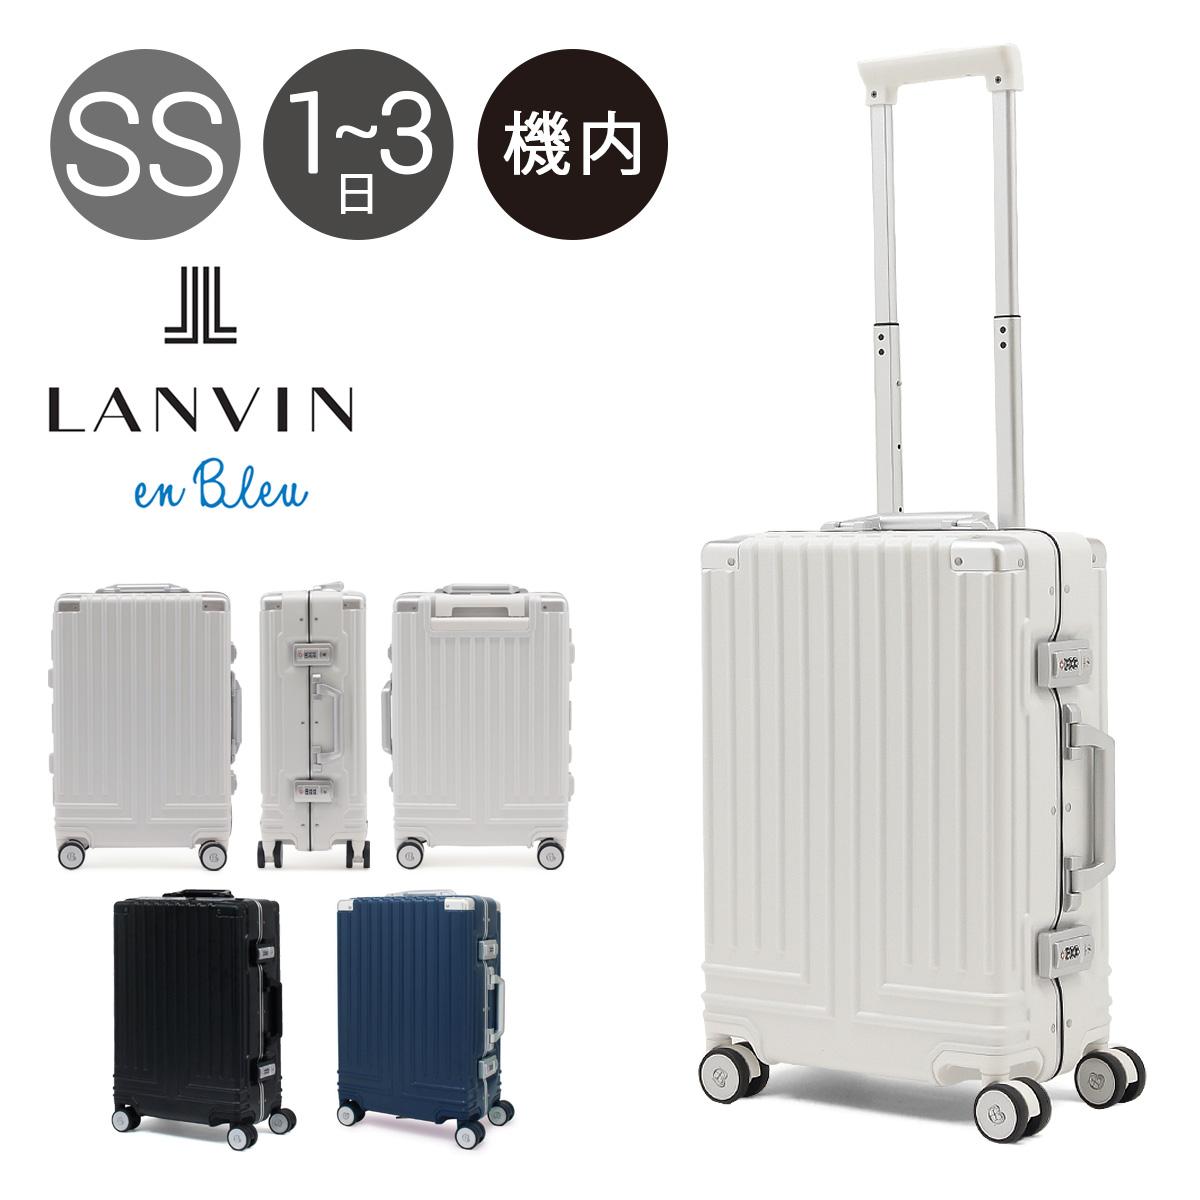 ランバンオンブルー スーツケース ヴィラージュ|機内持ち込み 27L 27L スーツケース 49cm 3.5kg 595311 TSAロック搭載|軽量 ハード フレーム TSAロック搭載 [bef][即日発送], コケコッコ村:28e95c98 --- sunward.msk.ru